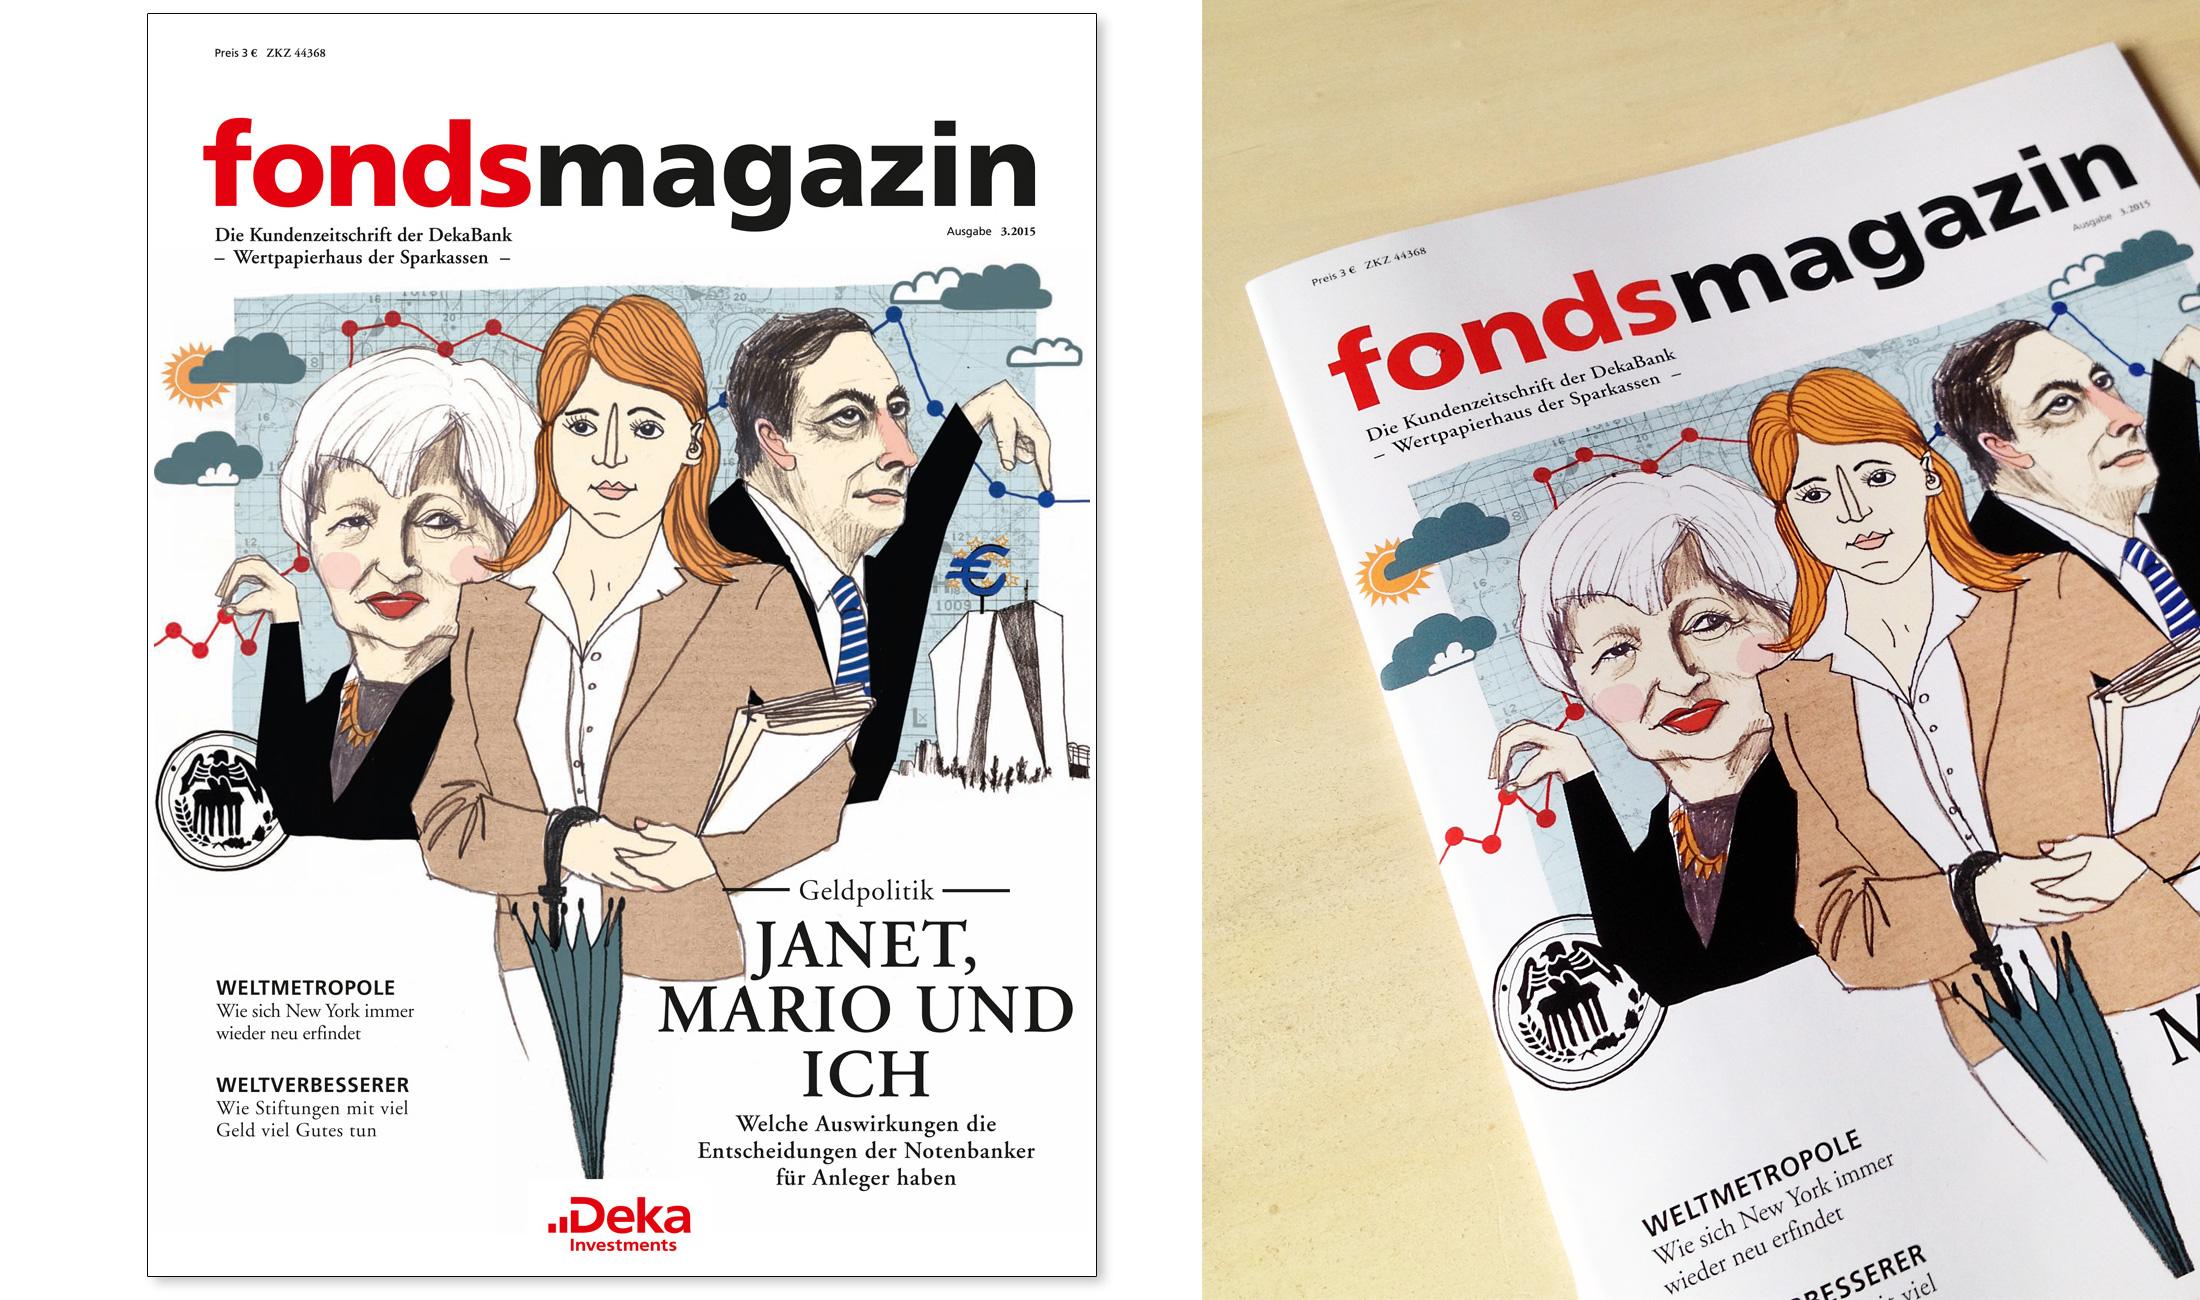 e_fondsmagazin_1